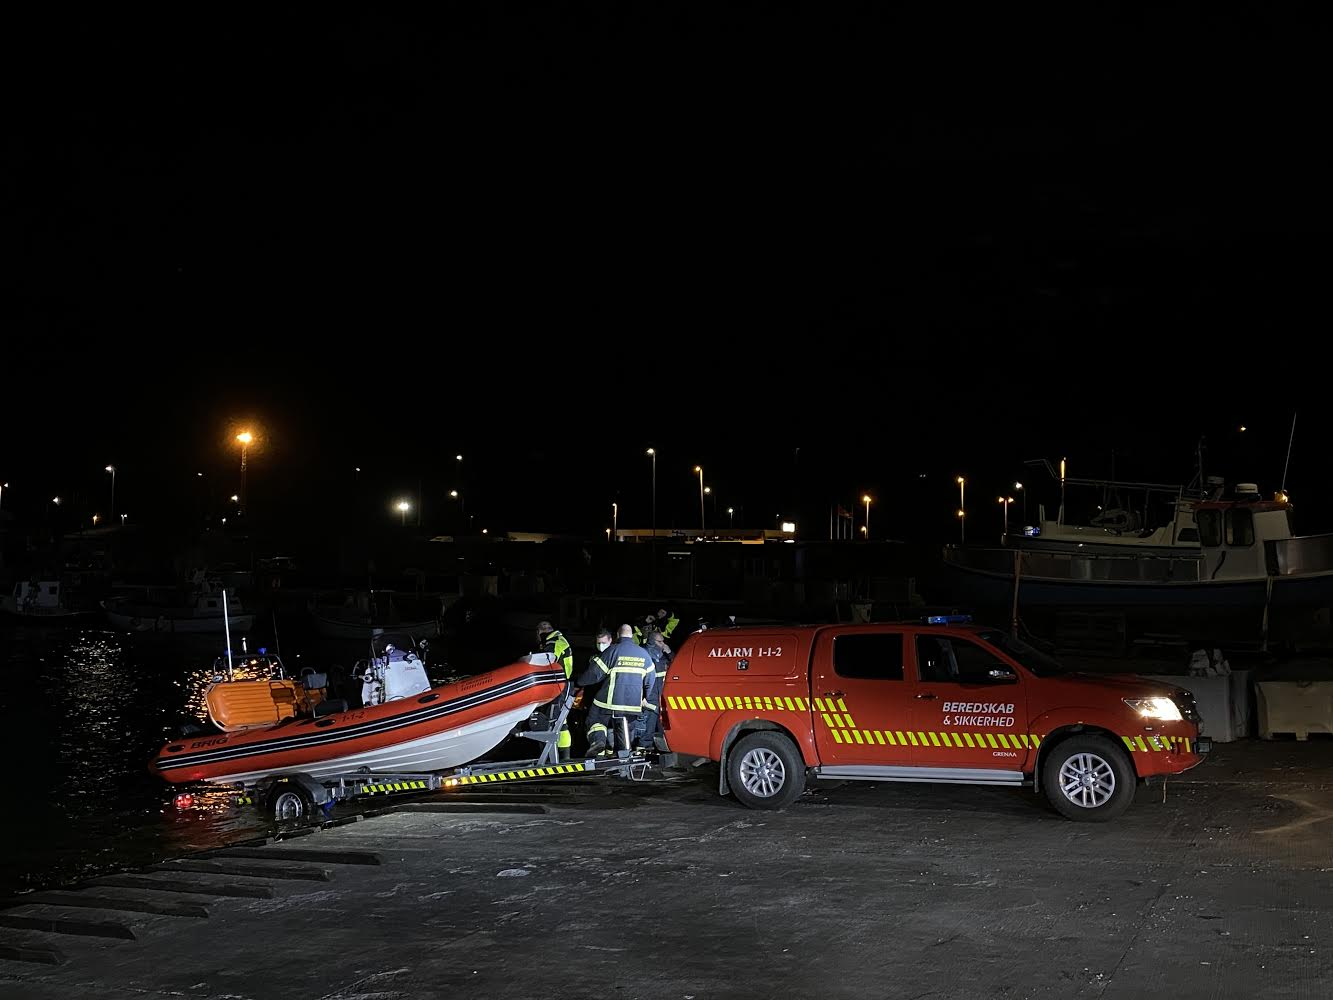 Mulig drukneulykke i Grenå - Båd reddet i land